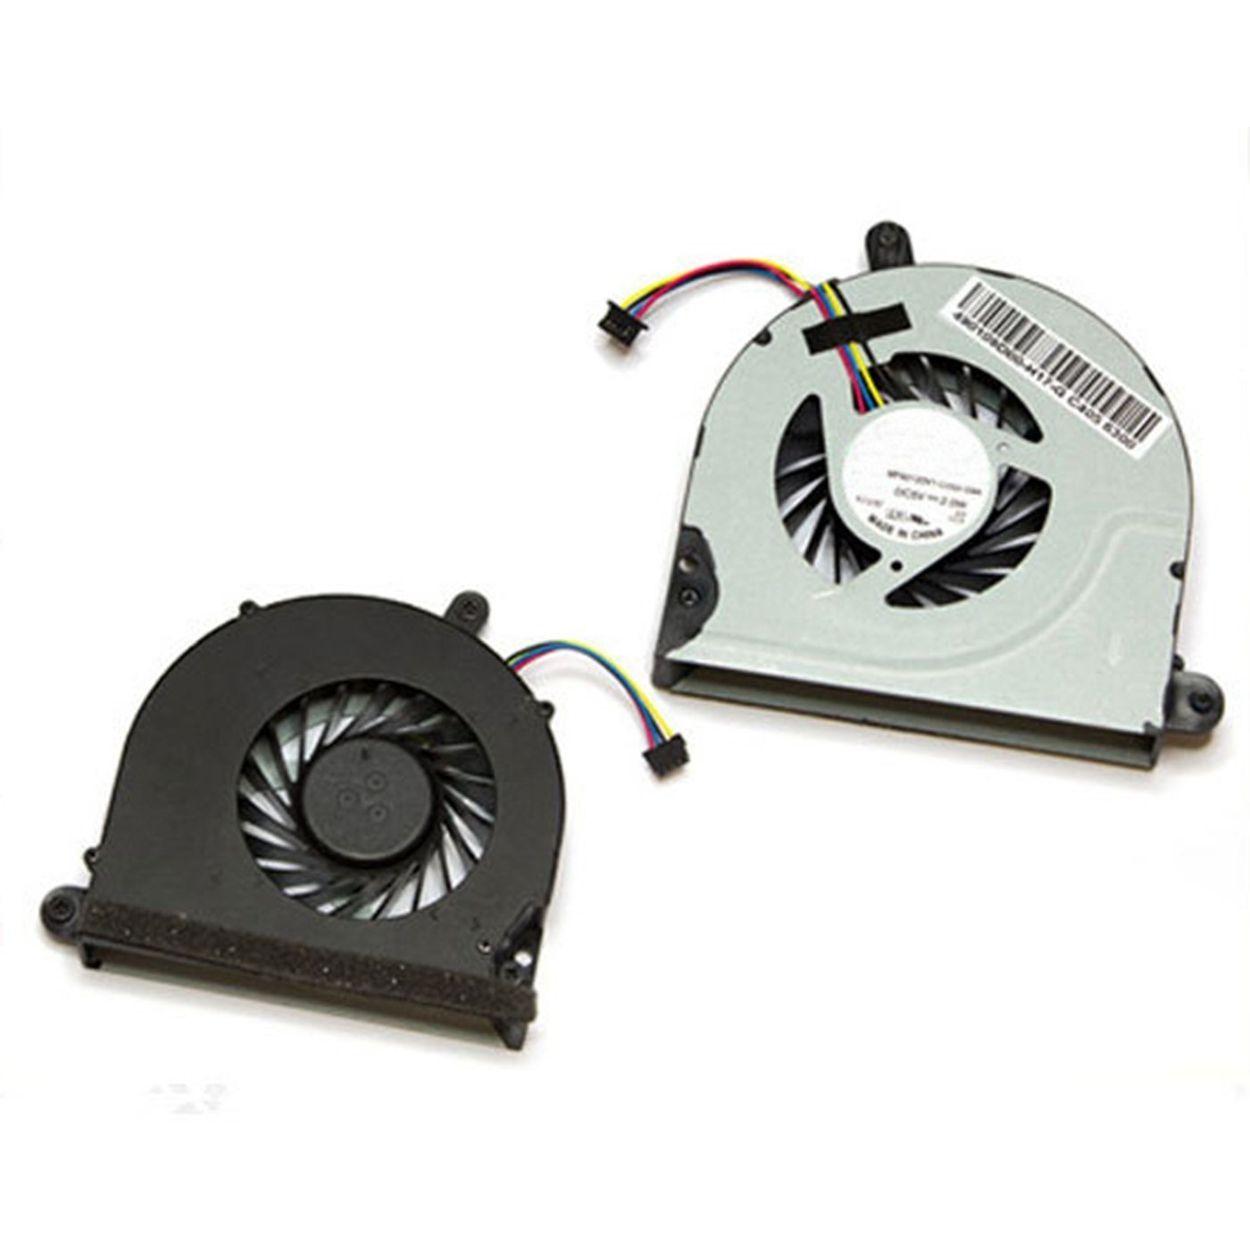 HP ProBook 6565b EliteBook 8560p Cooling Fan Replacement